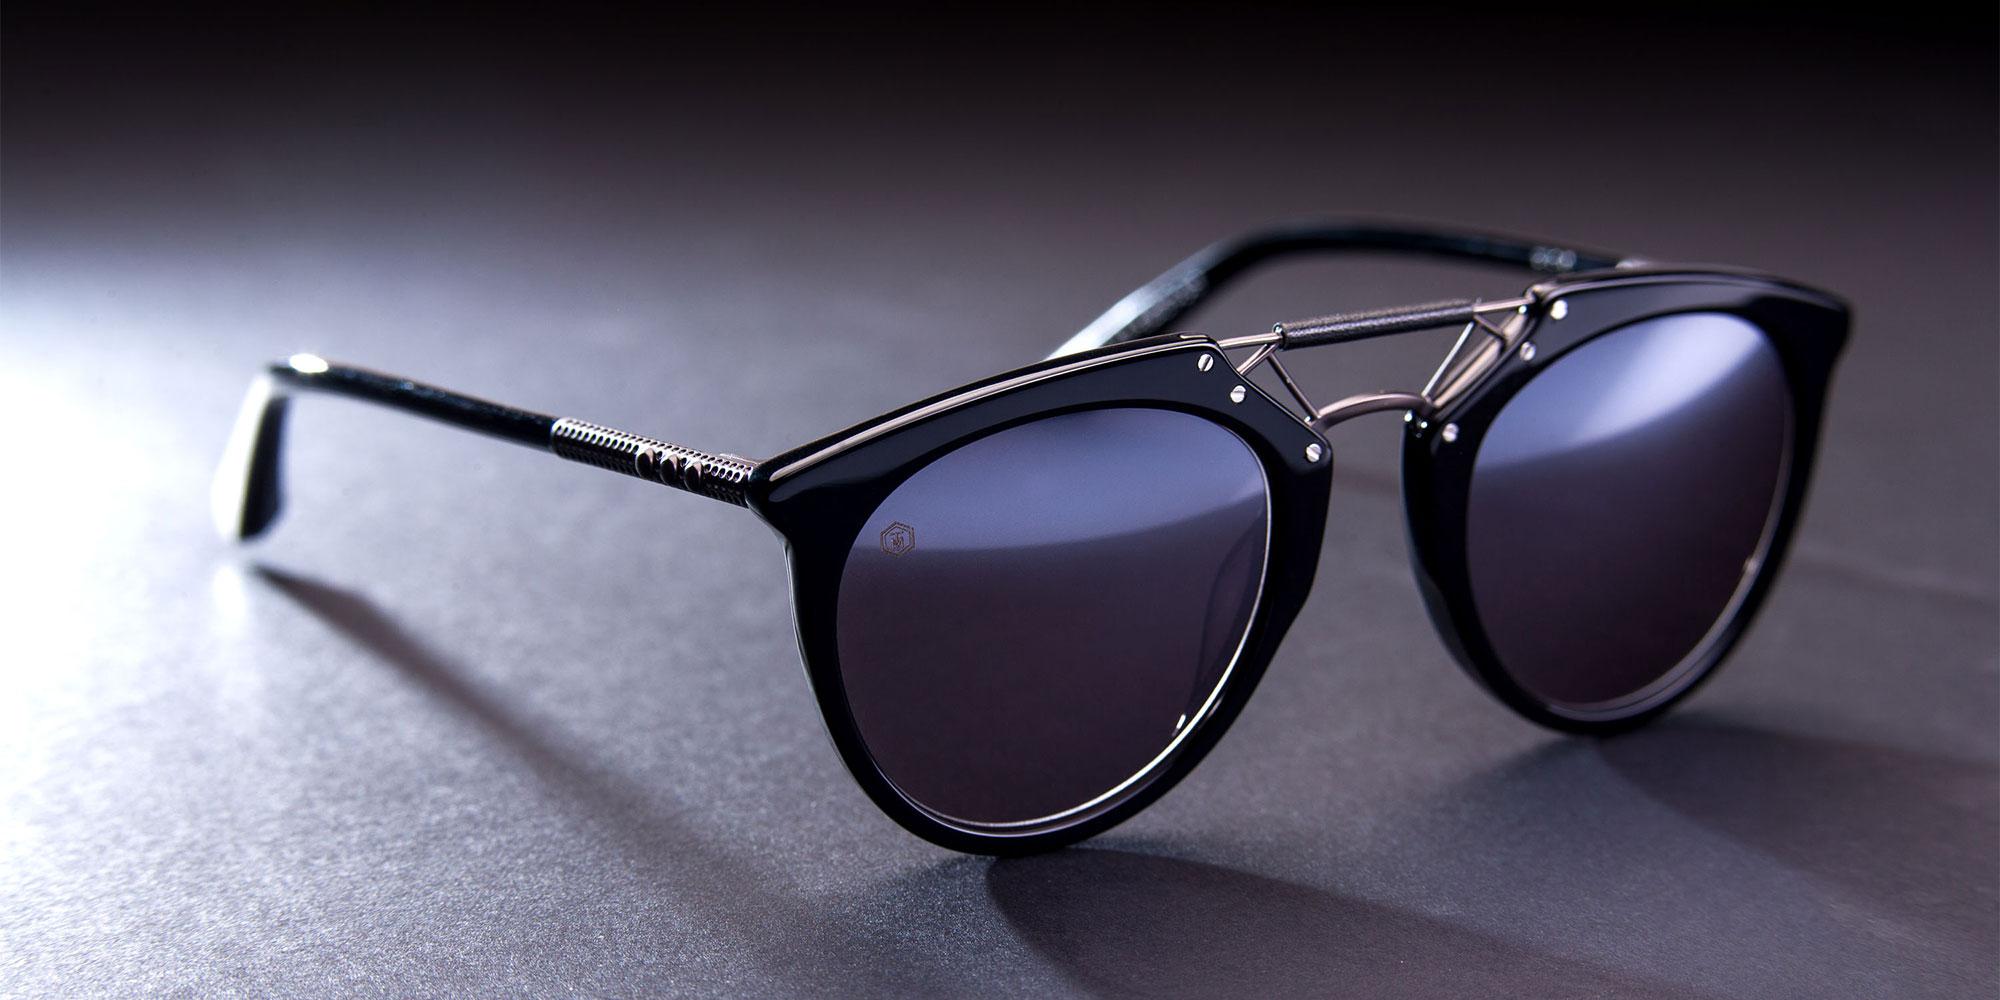 Reklama dla Morgan London zdjęcia produktowe okulary